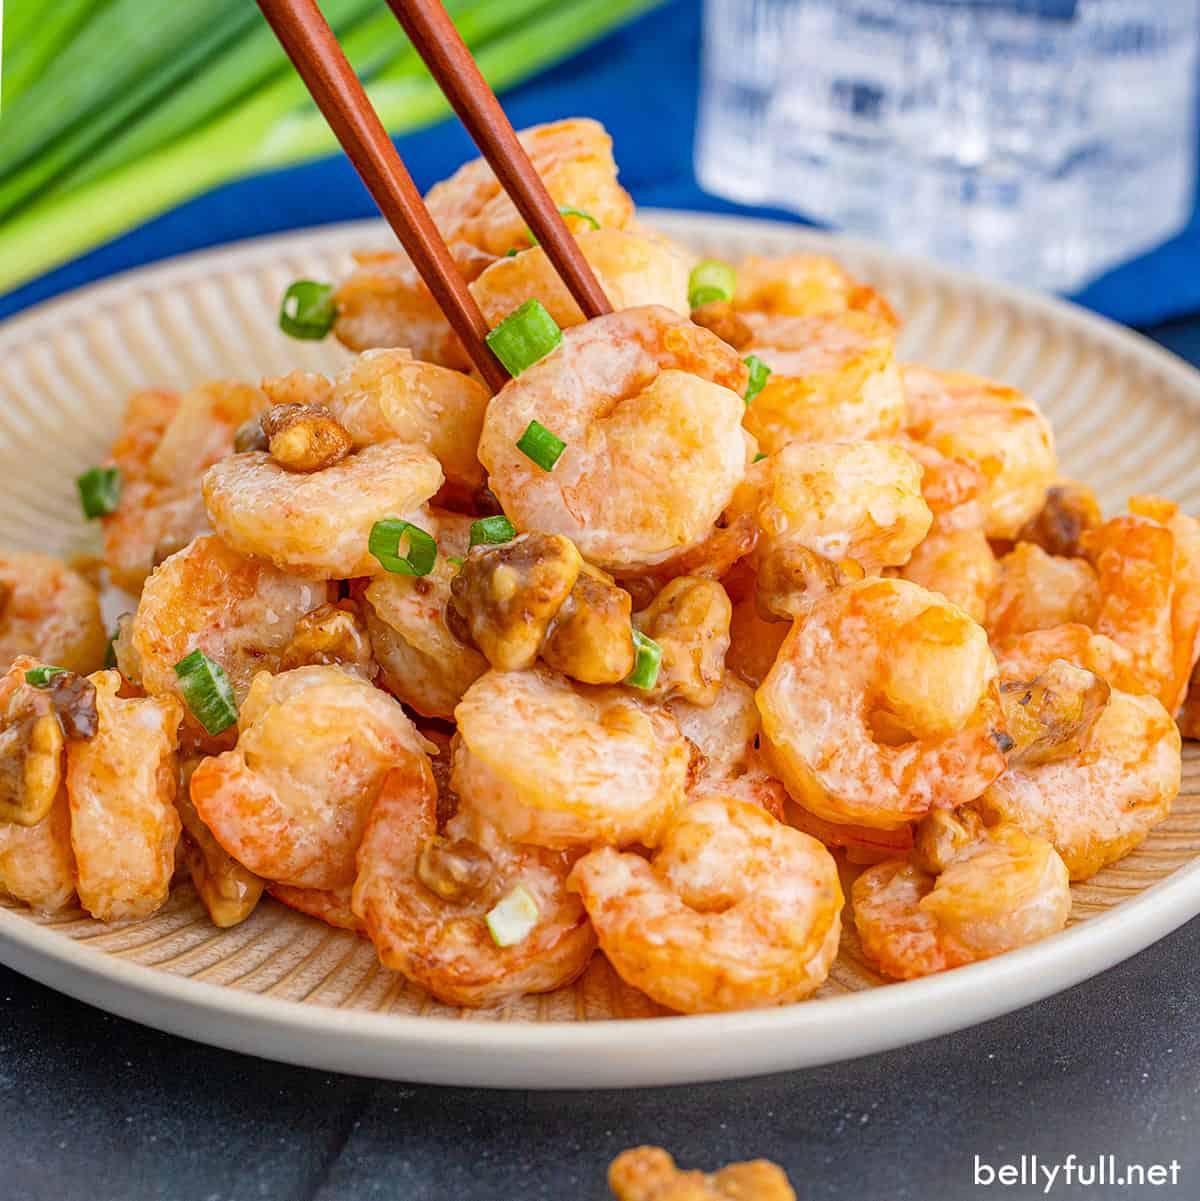 Chopsticks picking up a piece of shrimp from a plate of honey walnut shrimp